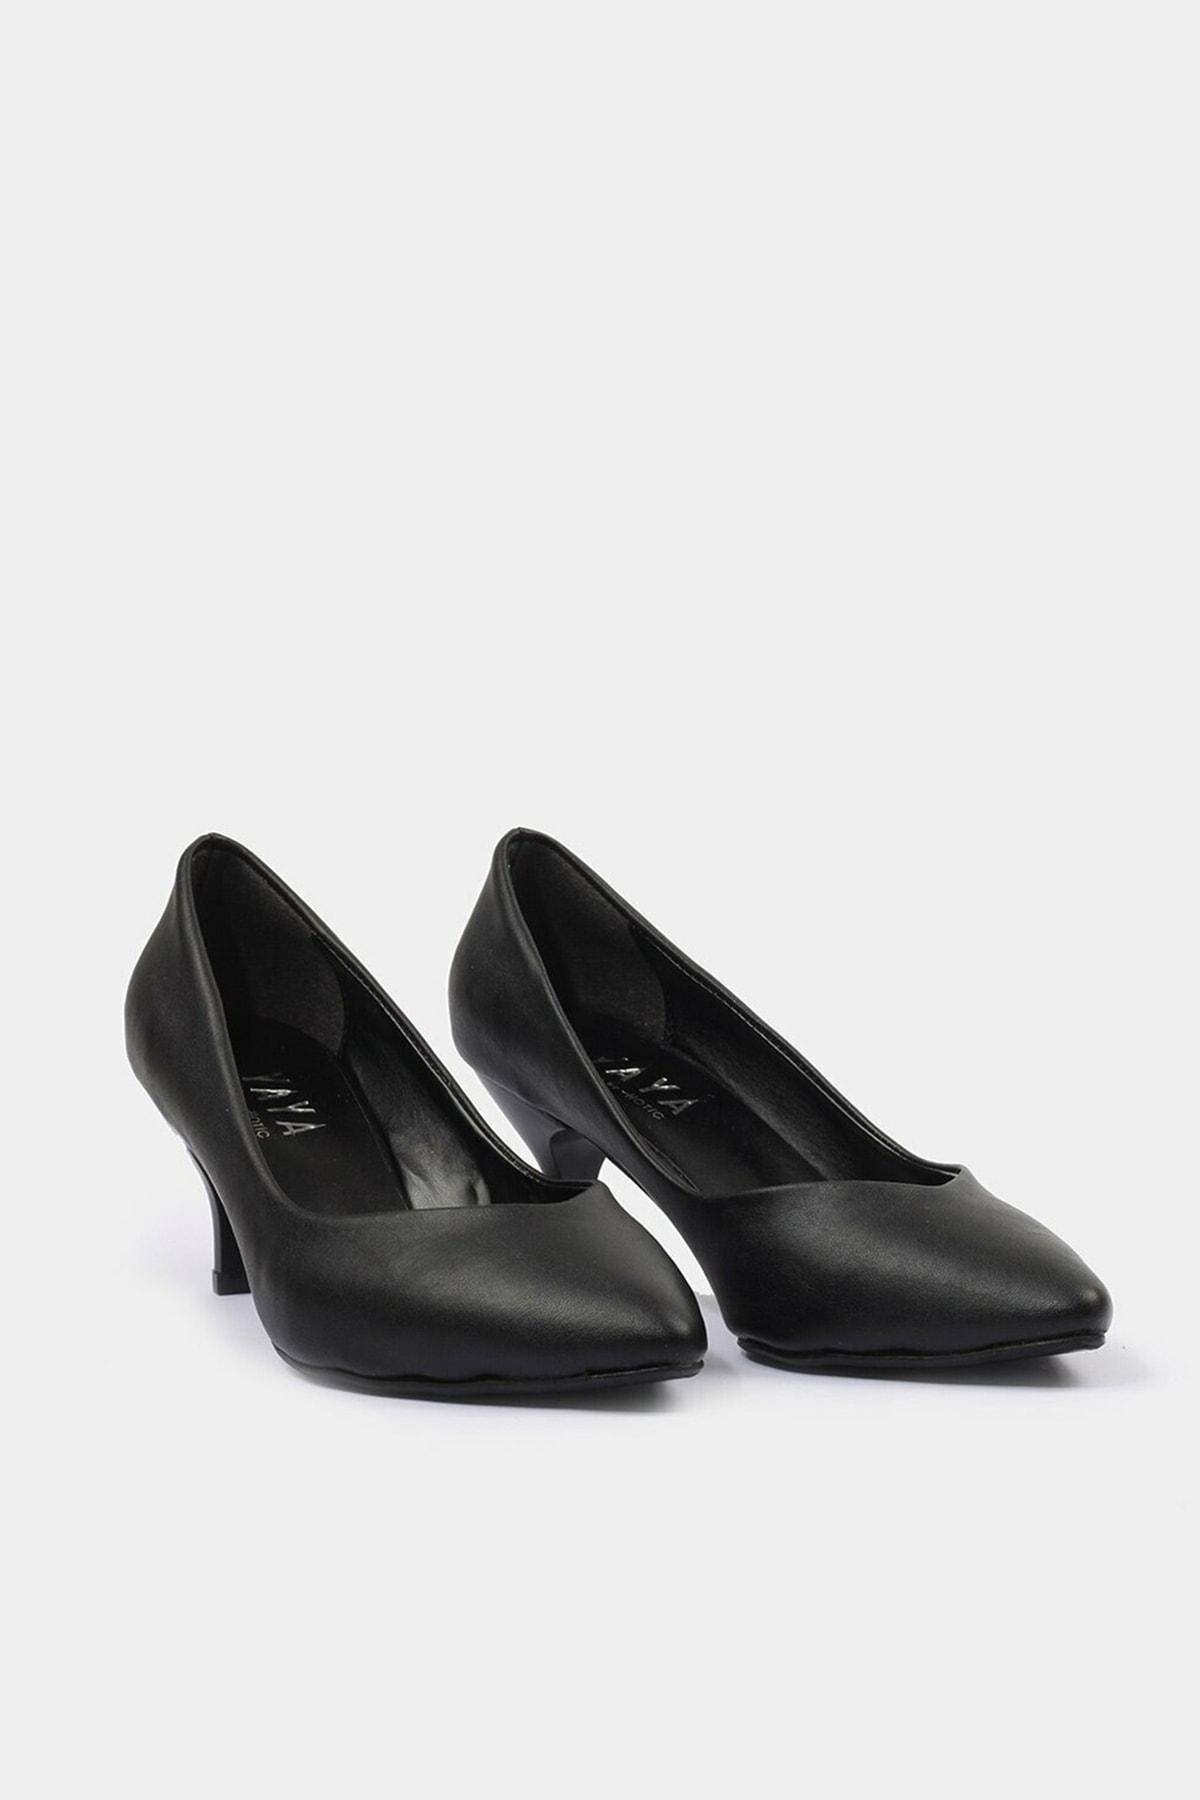 Hotiç Siyah Yaya Kadın Topuklu Ayakkabı 3